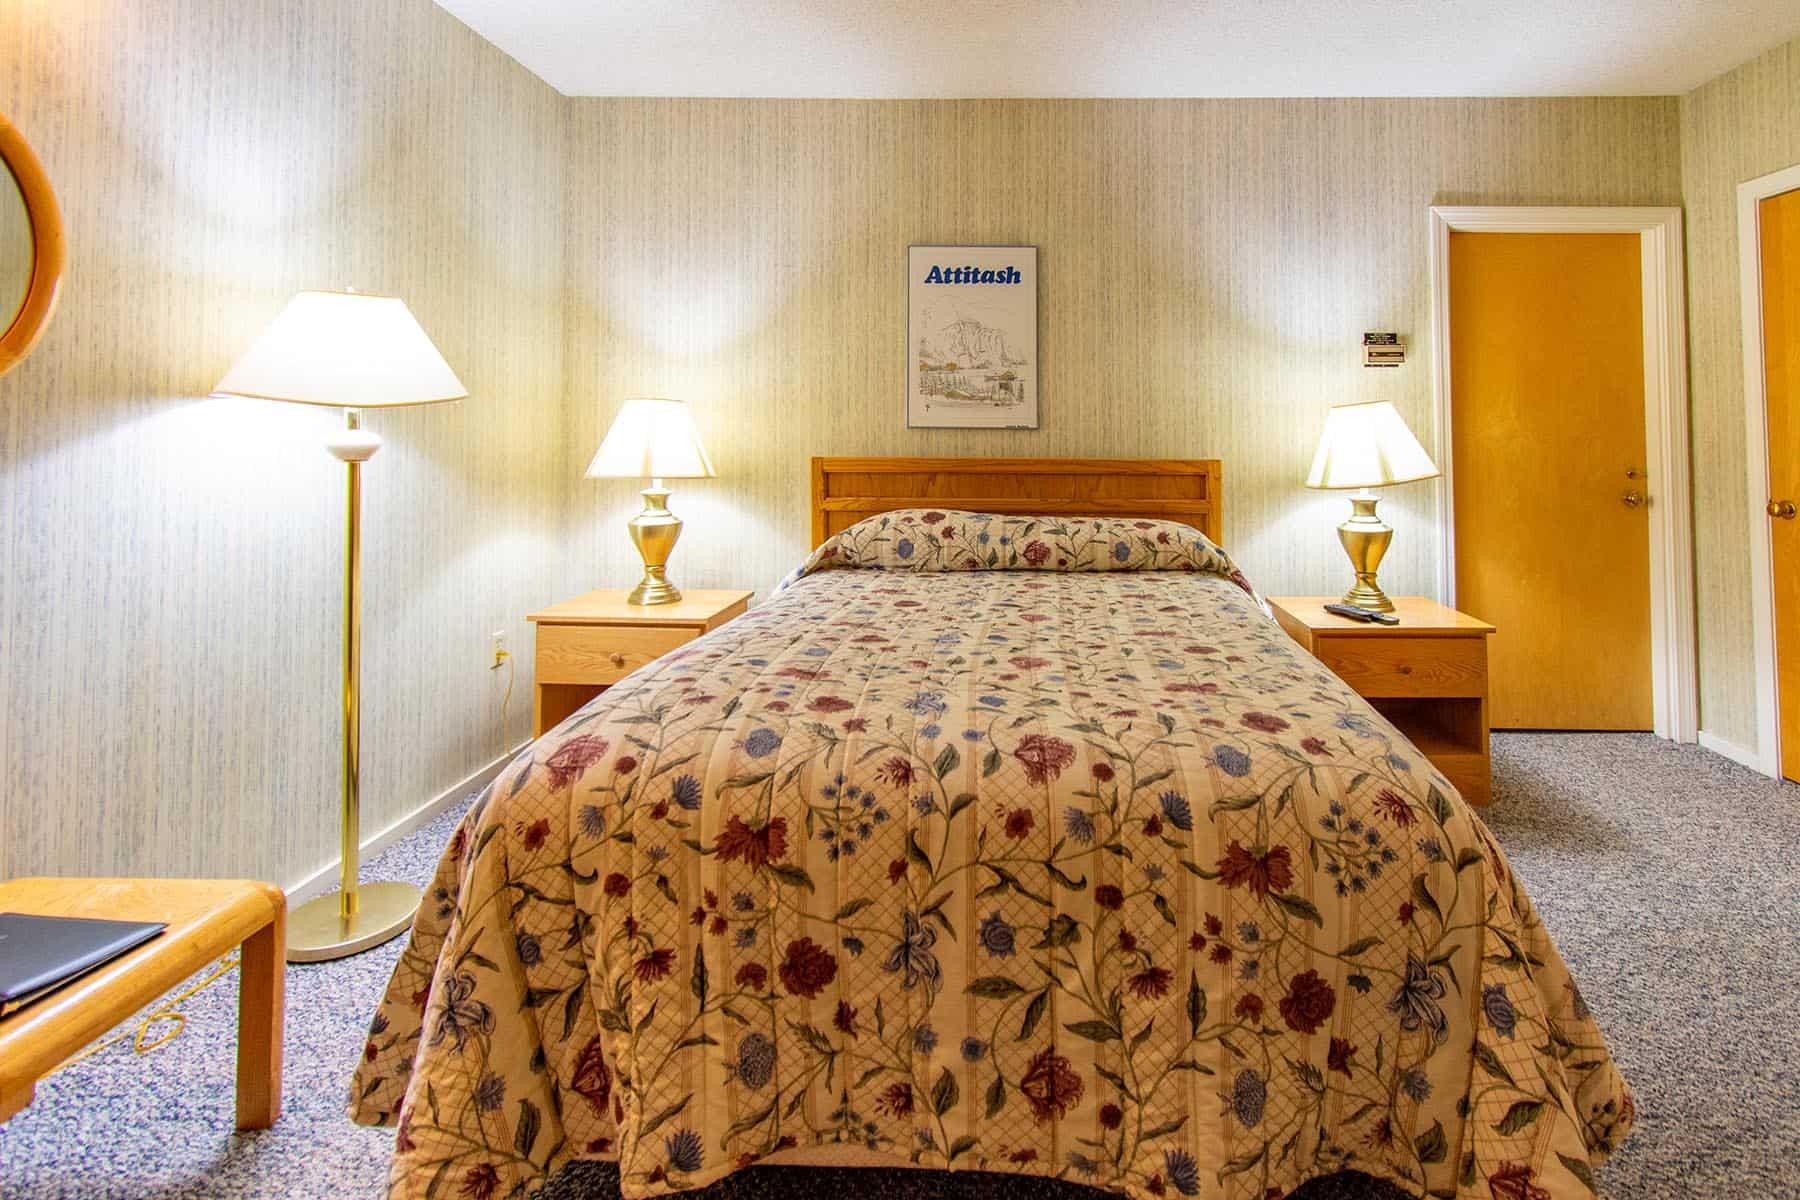 Standard 3 bedroom